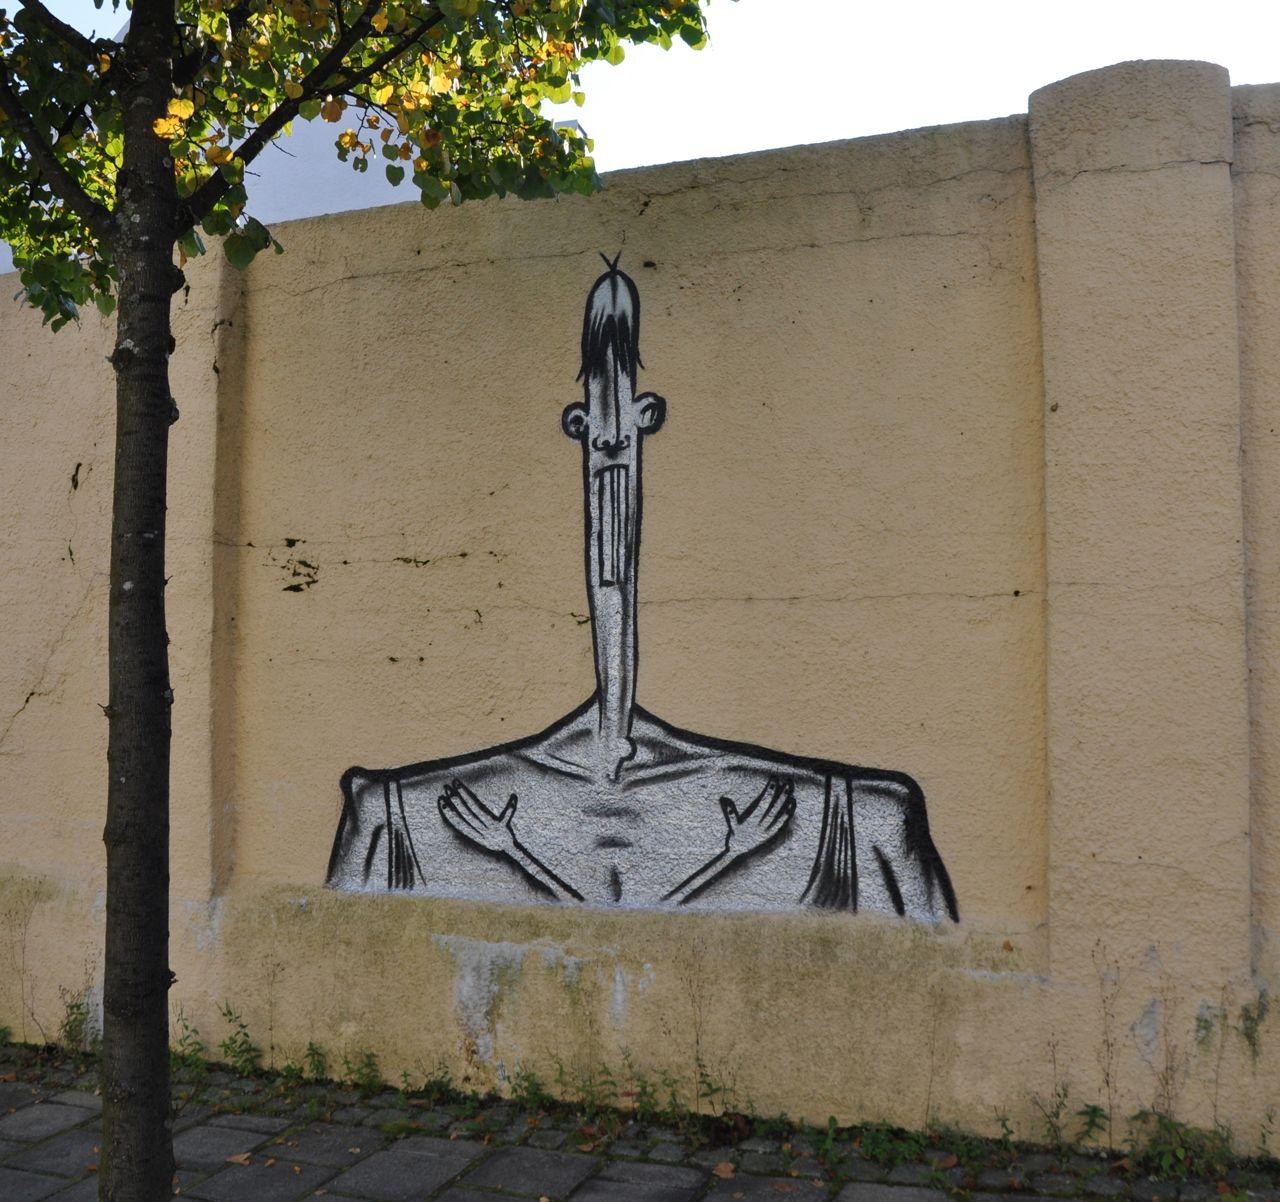 David-Choe-Nuart-Mural-Graffiti